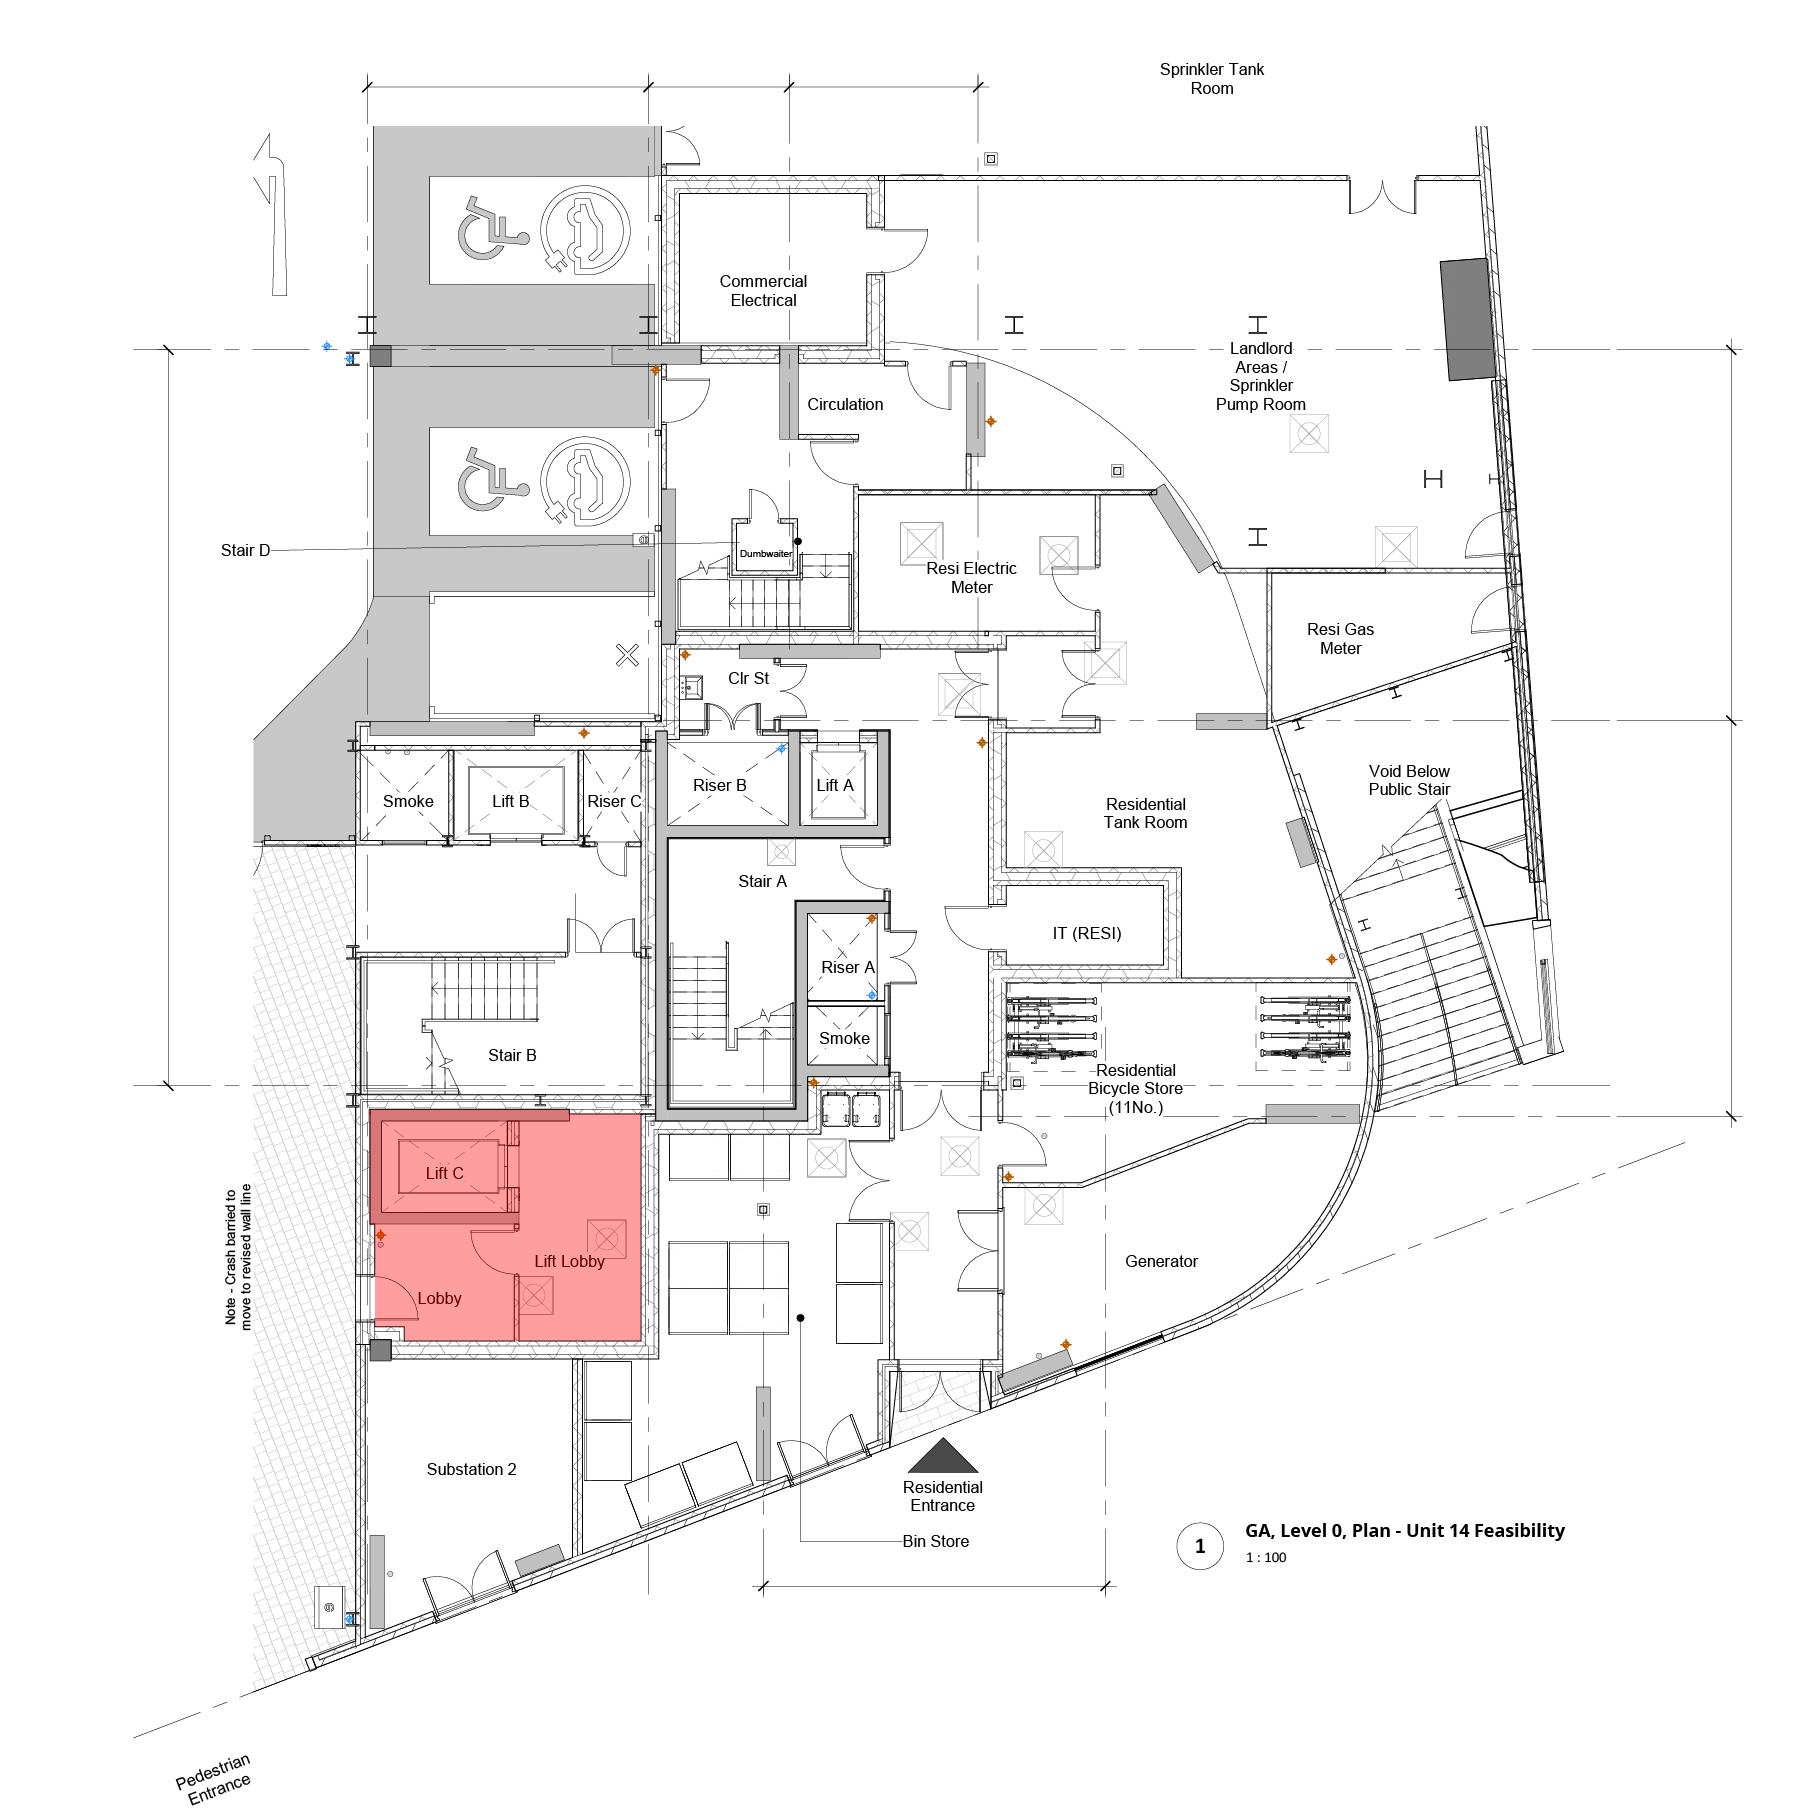 Unit 14, level 0